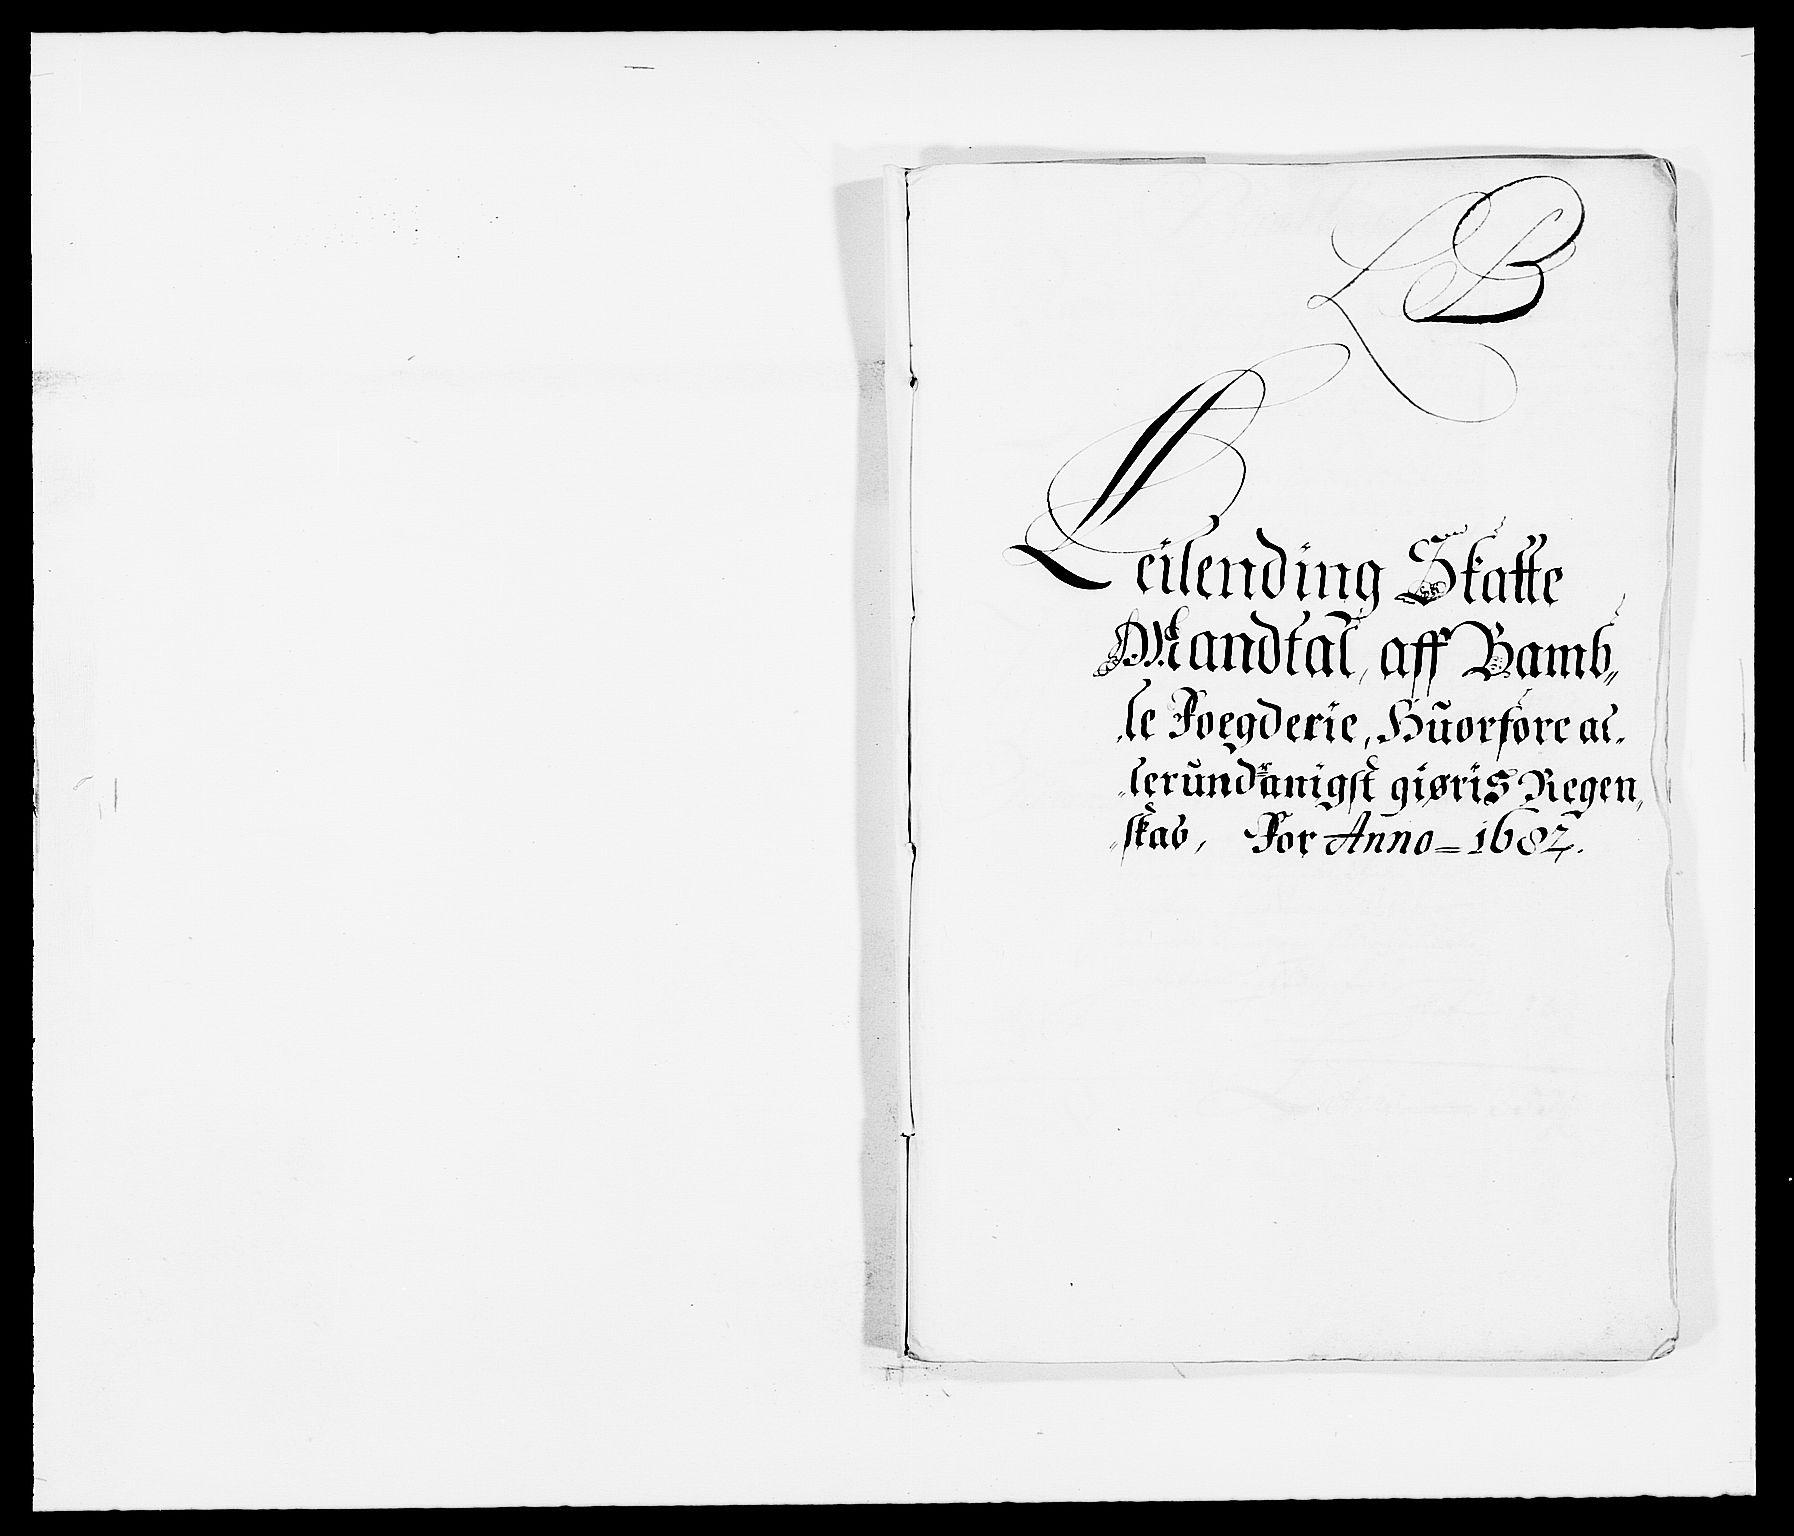 RA, Rentekammeret inntil 1814, Reviderte regnskaper, Fogderegnskap, R34/L2046: Fogderegnskap Bamble, 1682-1683, s. 49